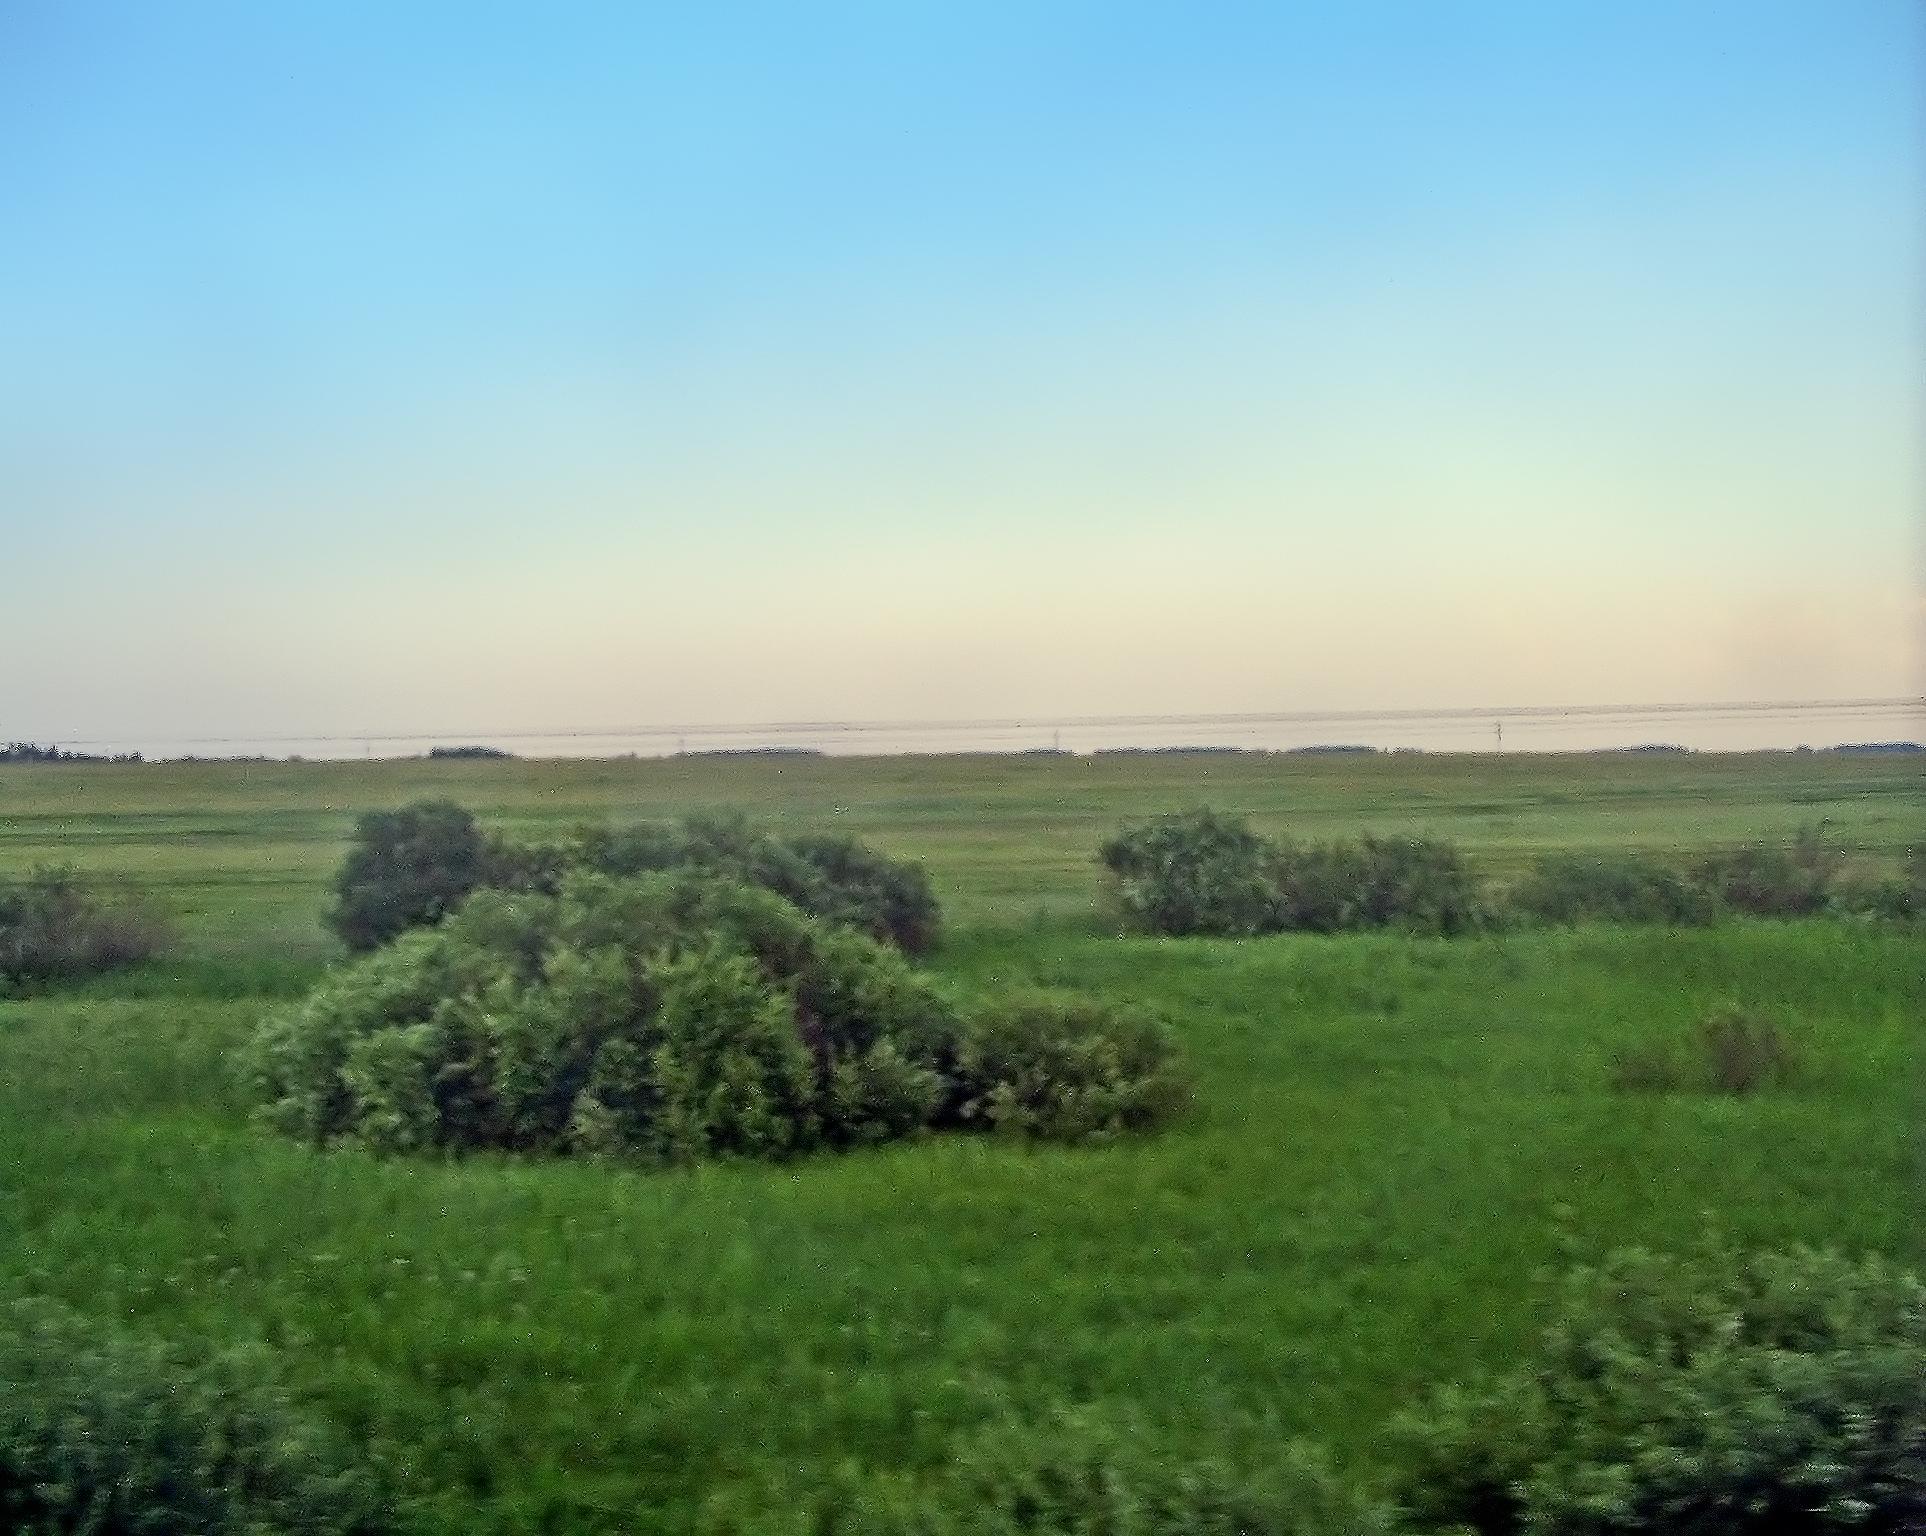 Description Siberian plain jpgPlain Pictures